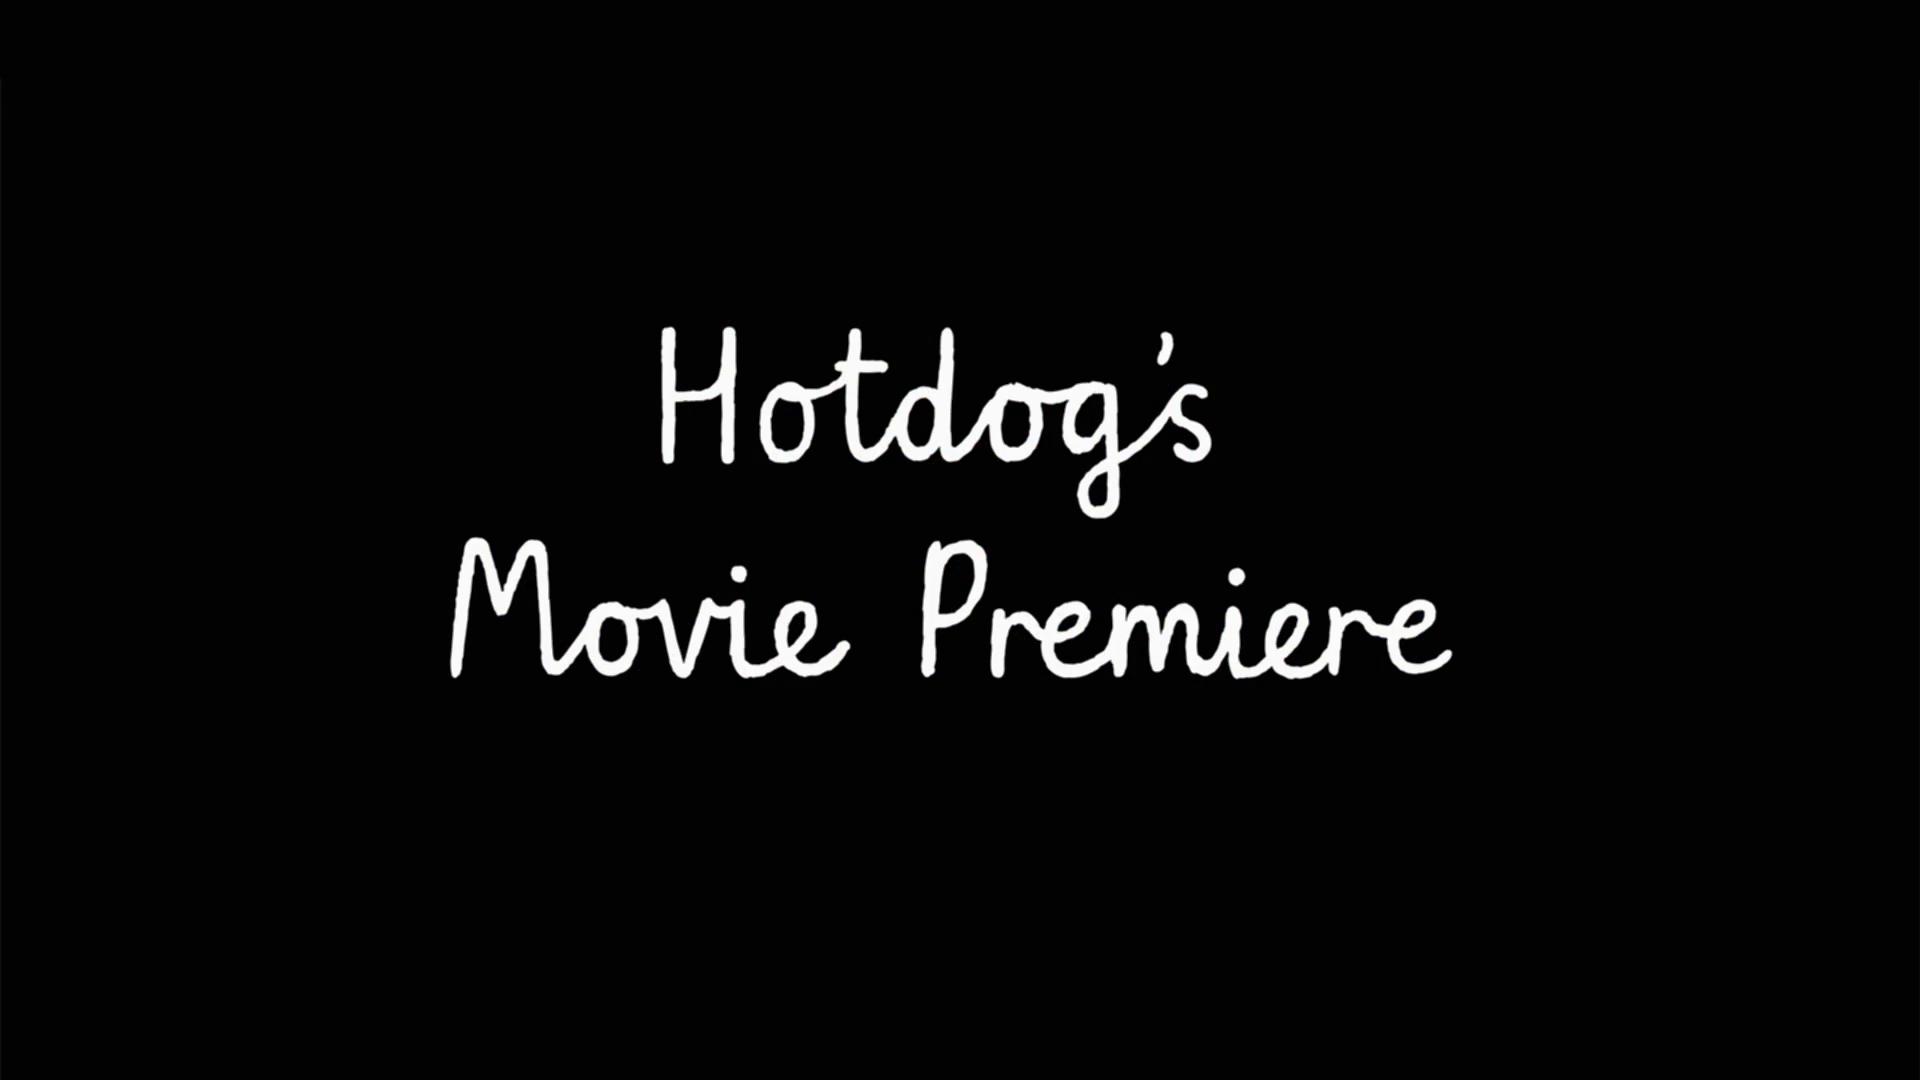 Maçã e Cebola - A Pré-estreia do Filme do Hot Dog